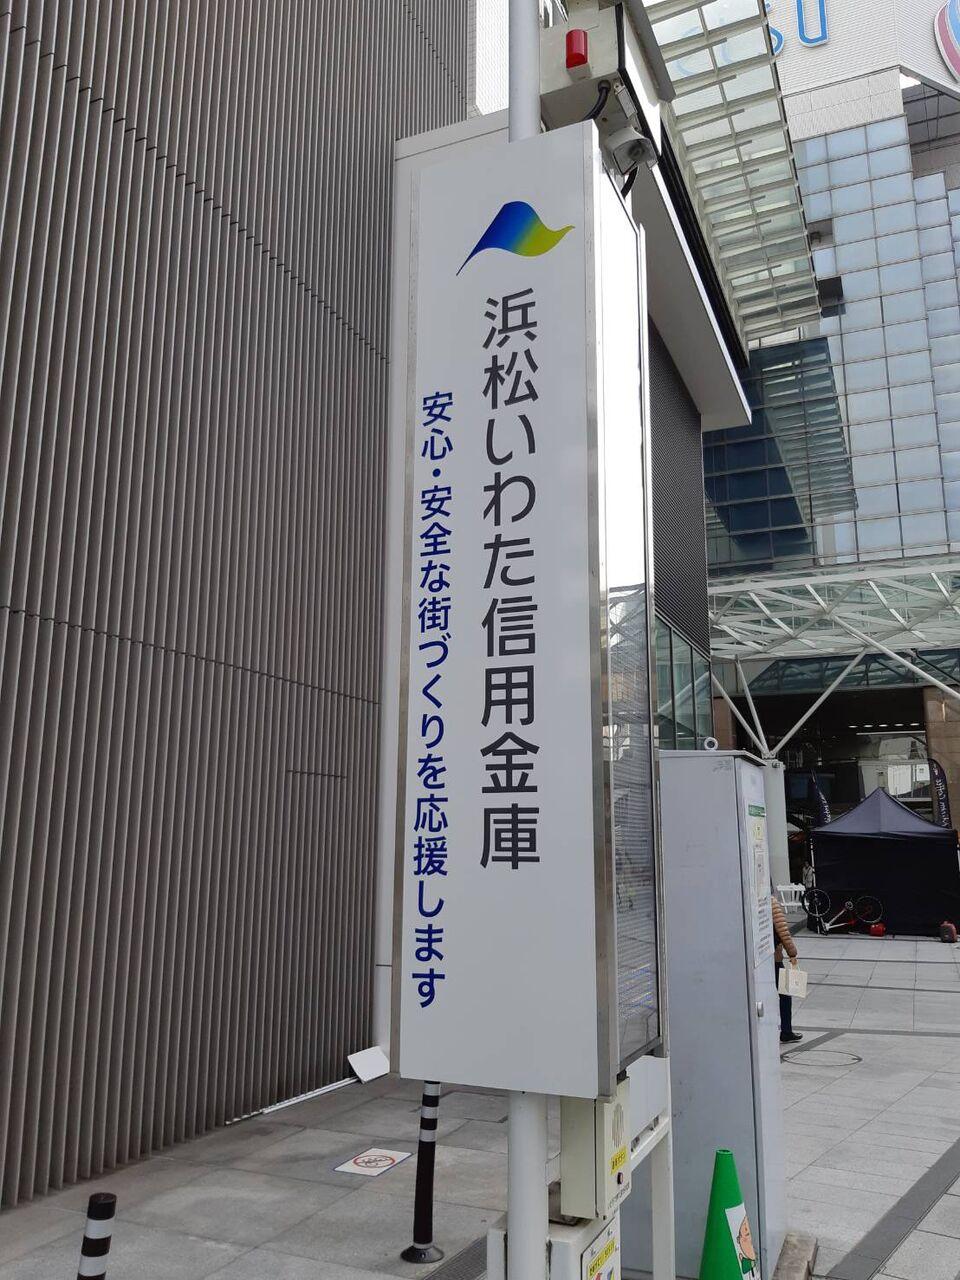 浜松いわた信用金庫 (2)